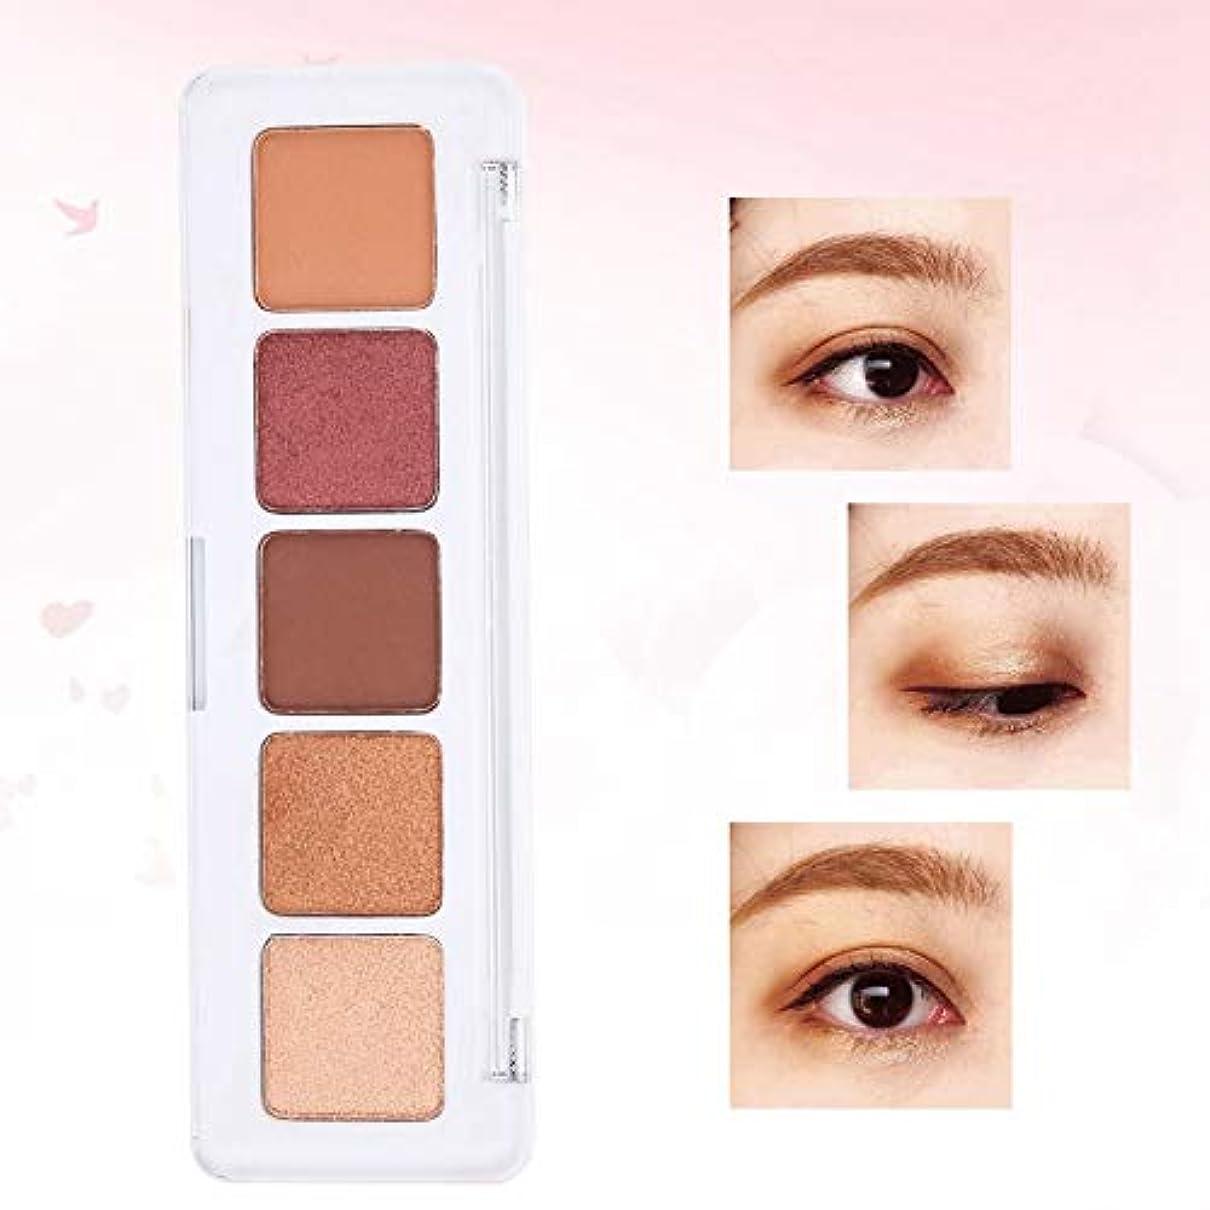 設計図バラ色オペレーターアイシャドー アイシャドウパレット 5色 なめらかで長持ち ミニマットグリッターパレット、アイシャドー、ヌードアーストーン